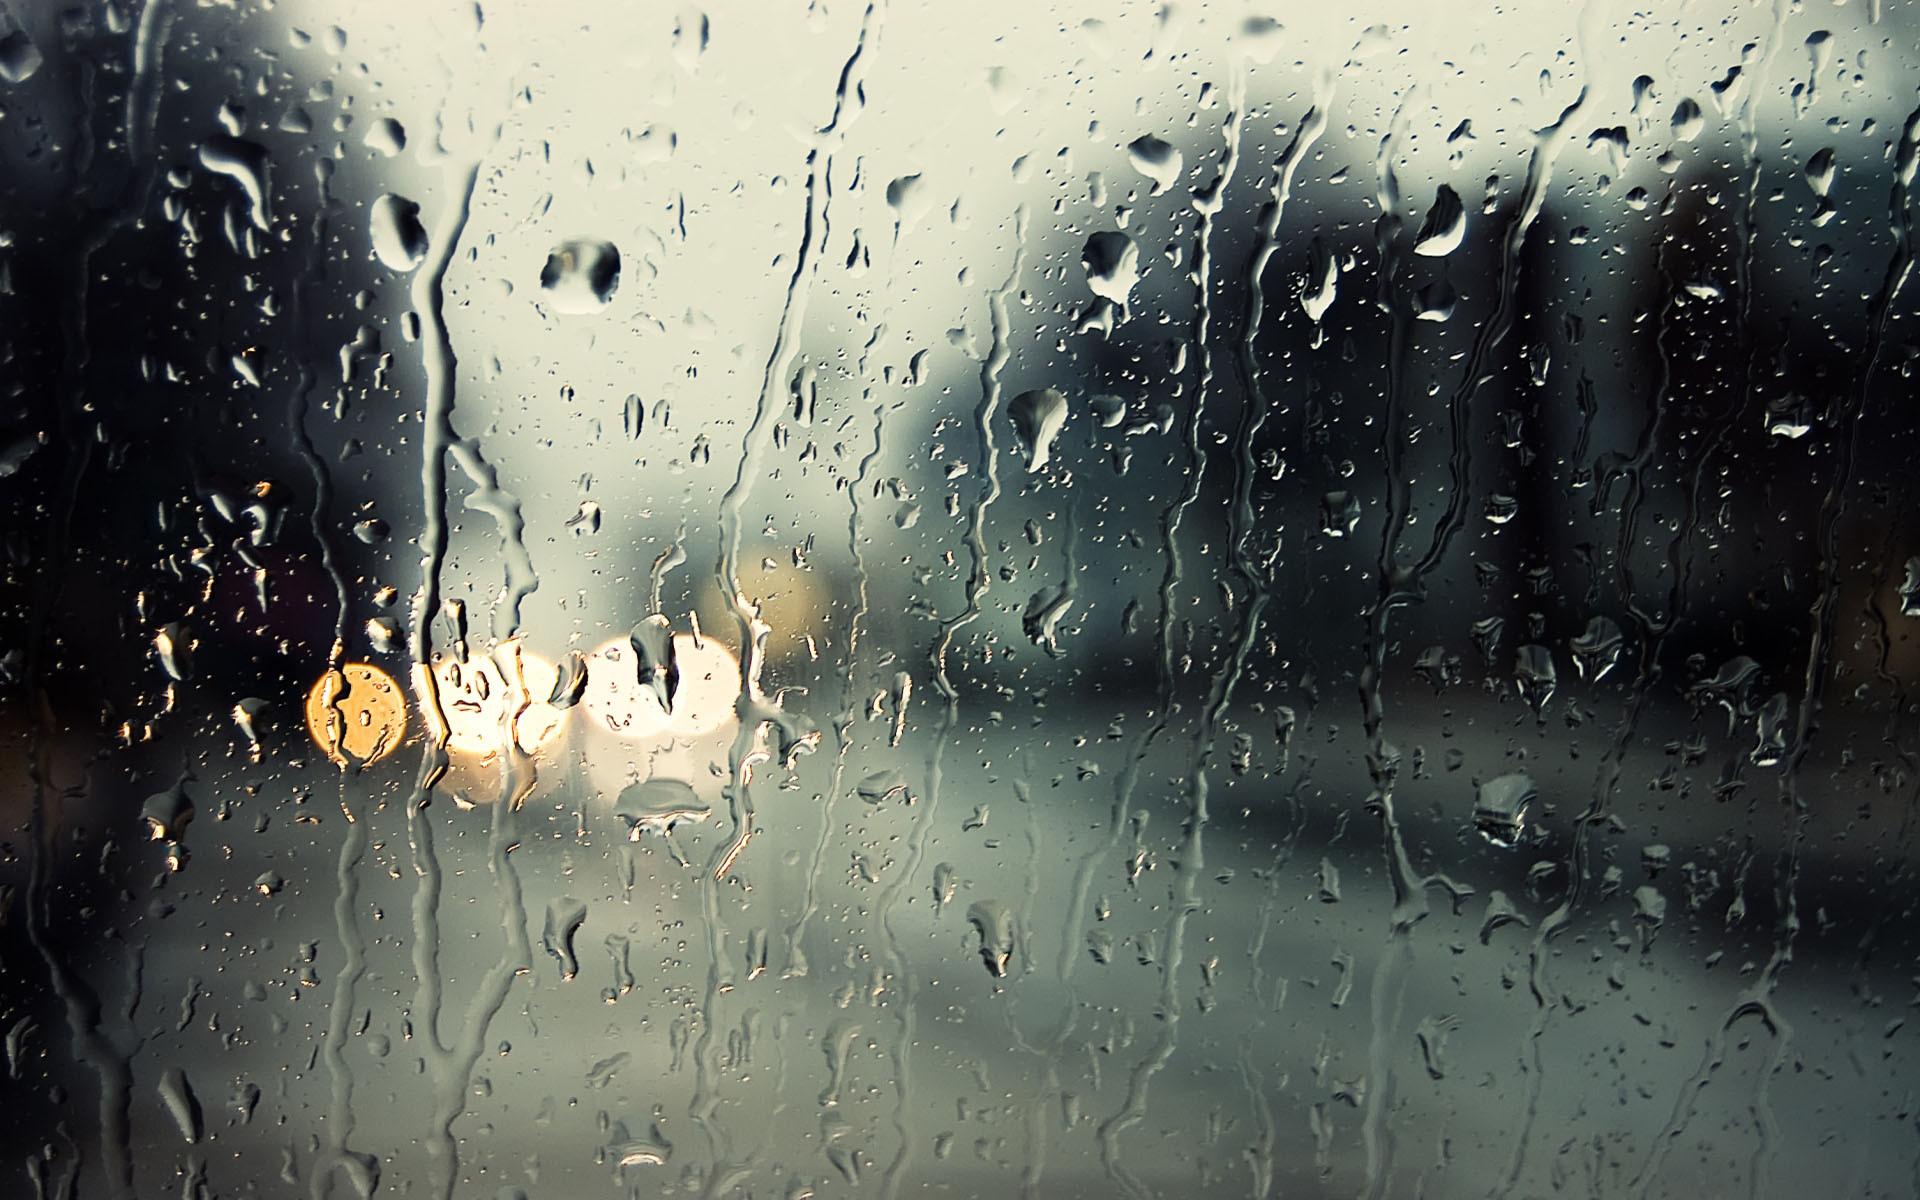 Καιρός: Βροχές στη νότια και δυτική Ελλάδα